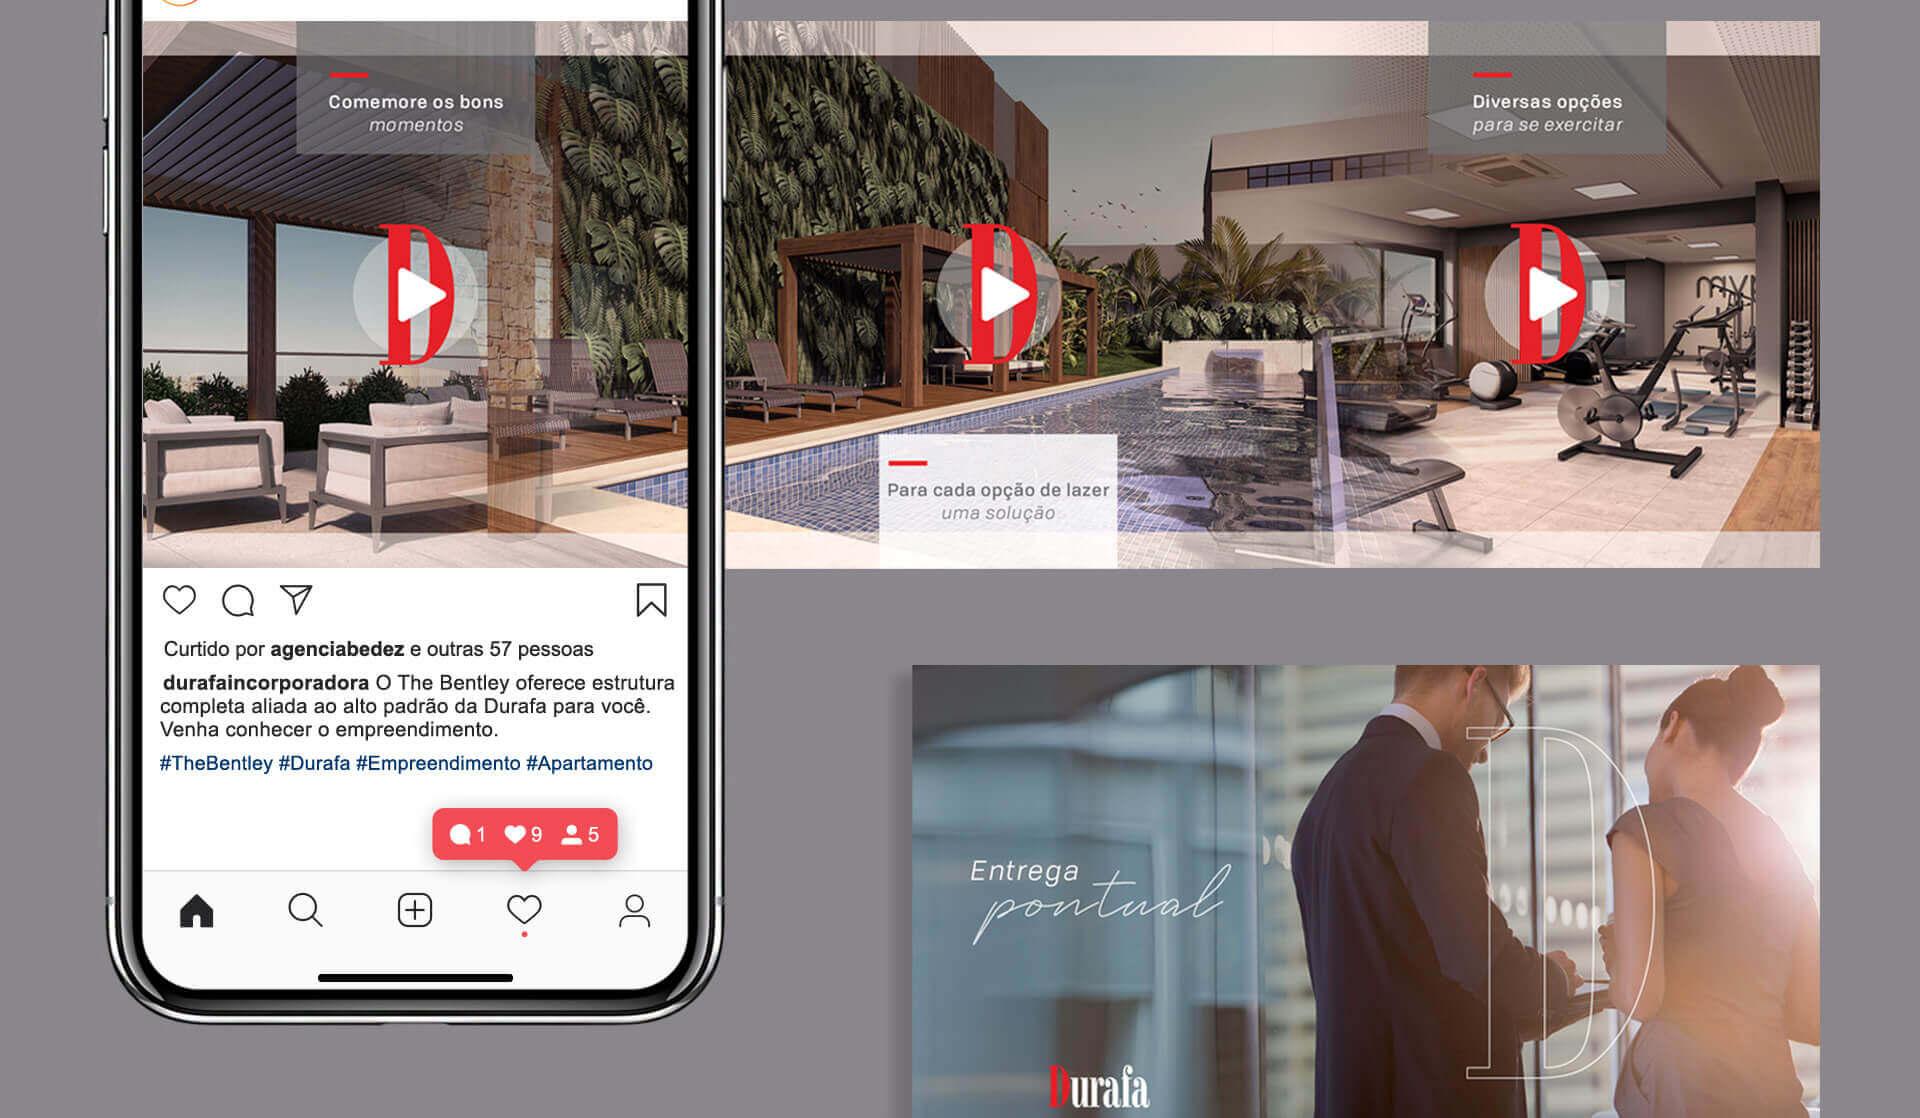 gestão de redes sociais para construtora durafa empreendimentos imobiliários porto alegre bedez comunicação